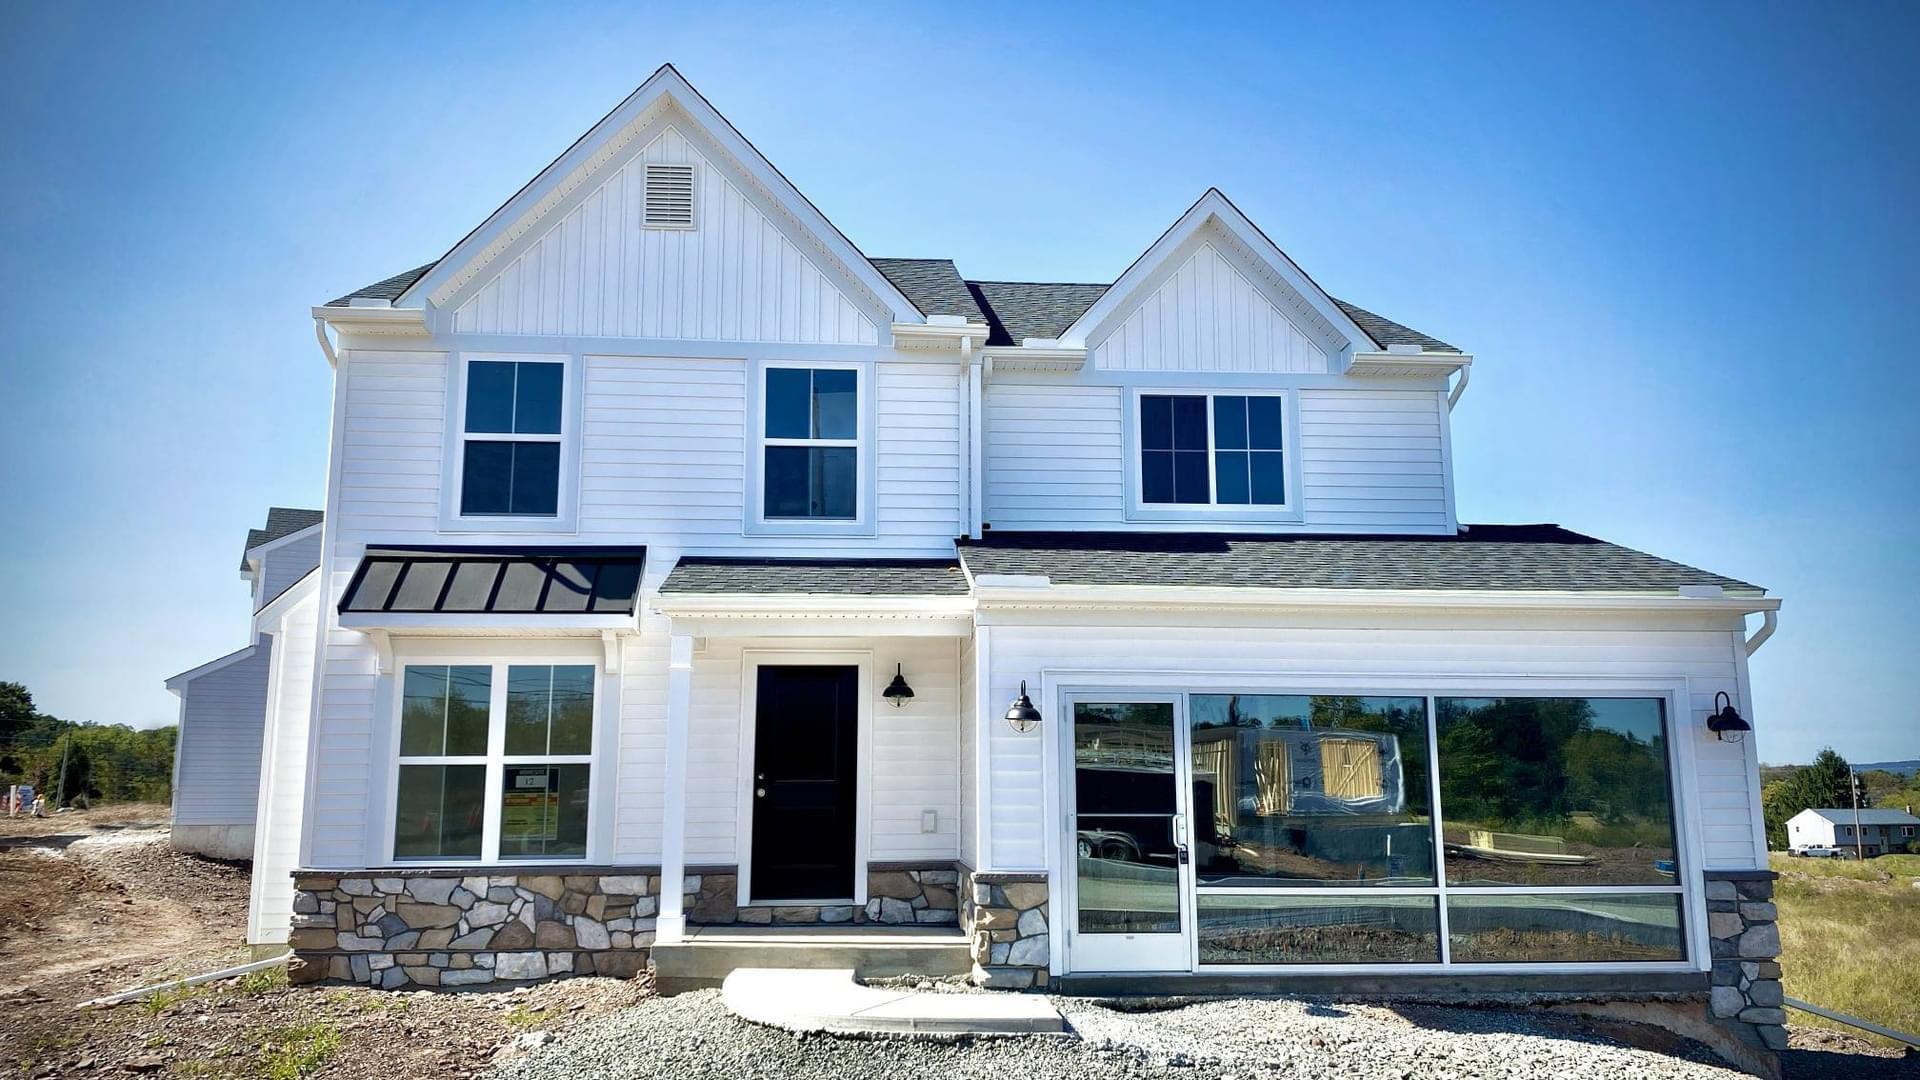 Berks Homes in Lot #12 101 Hayward St, Pottstown, PA 19464 PA